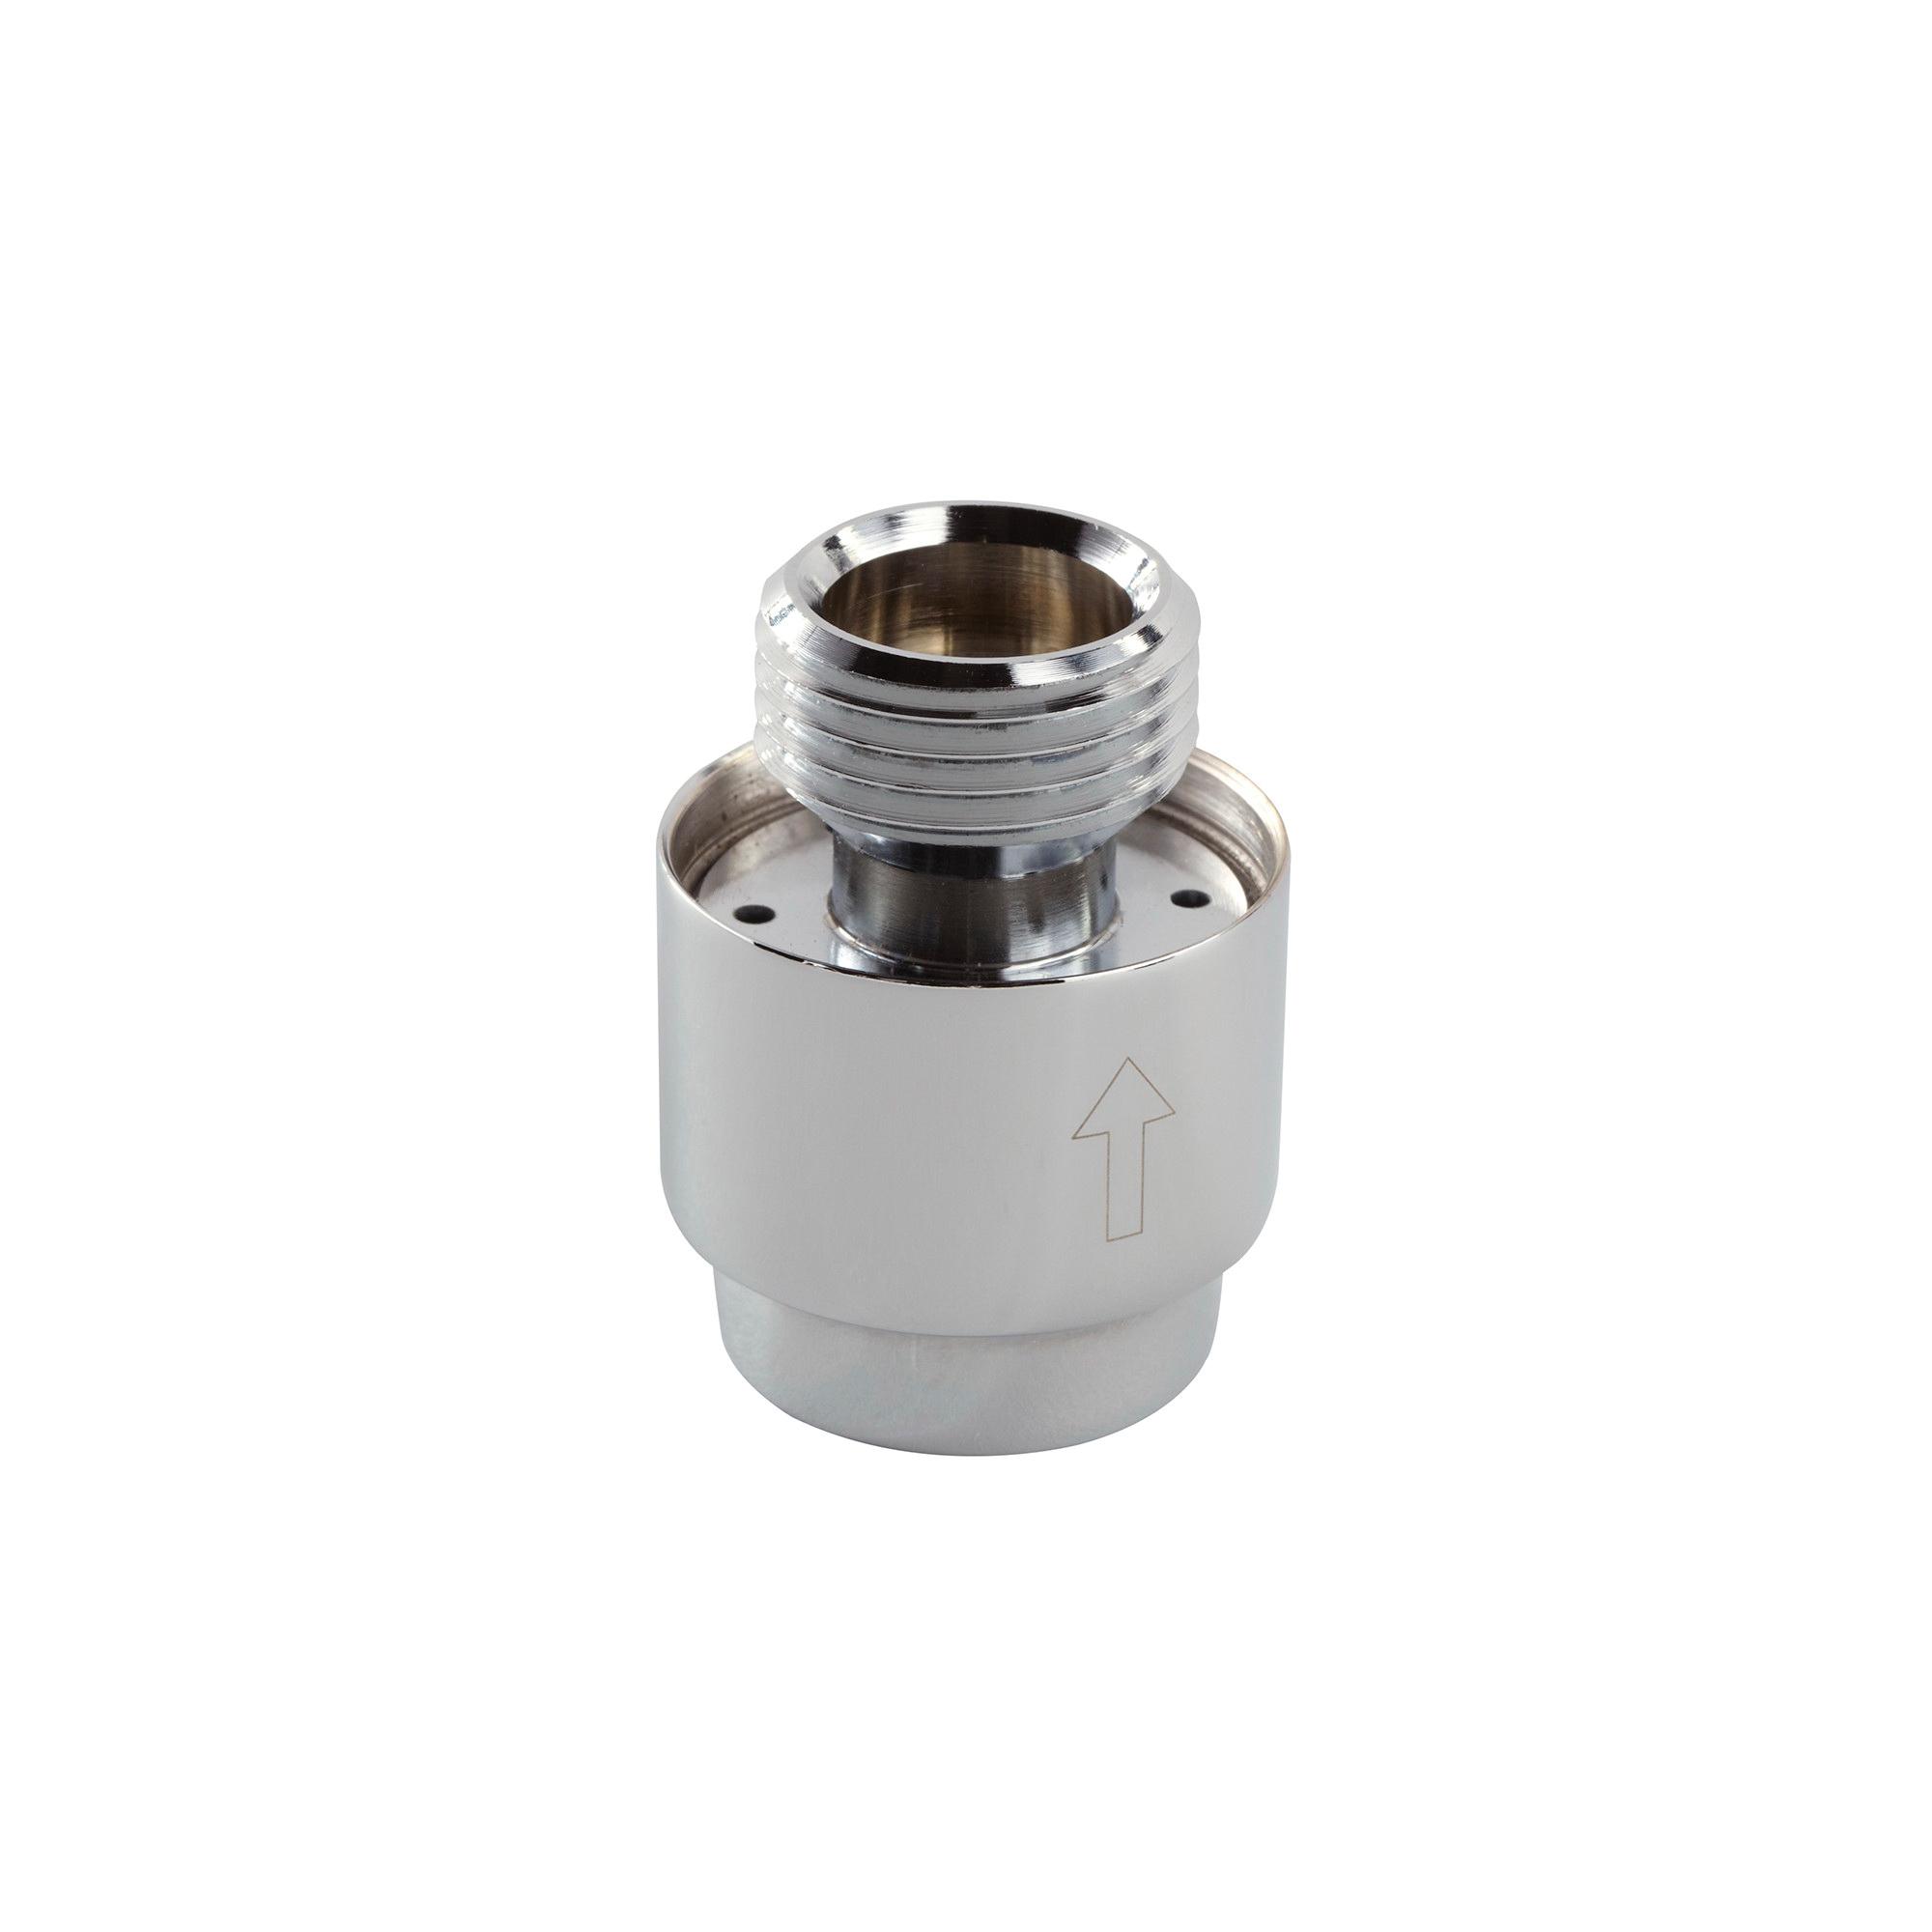 GROHE 07911000 In-Line Vaccum Breaker, 1/2 in, StarLight® Chrome, Domestic